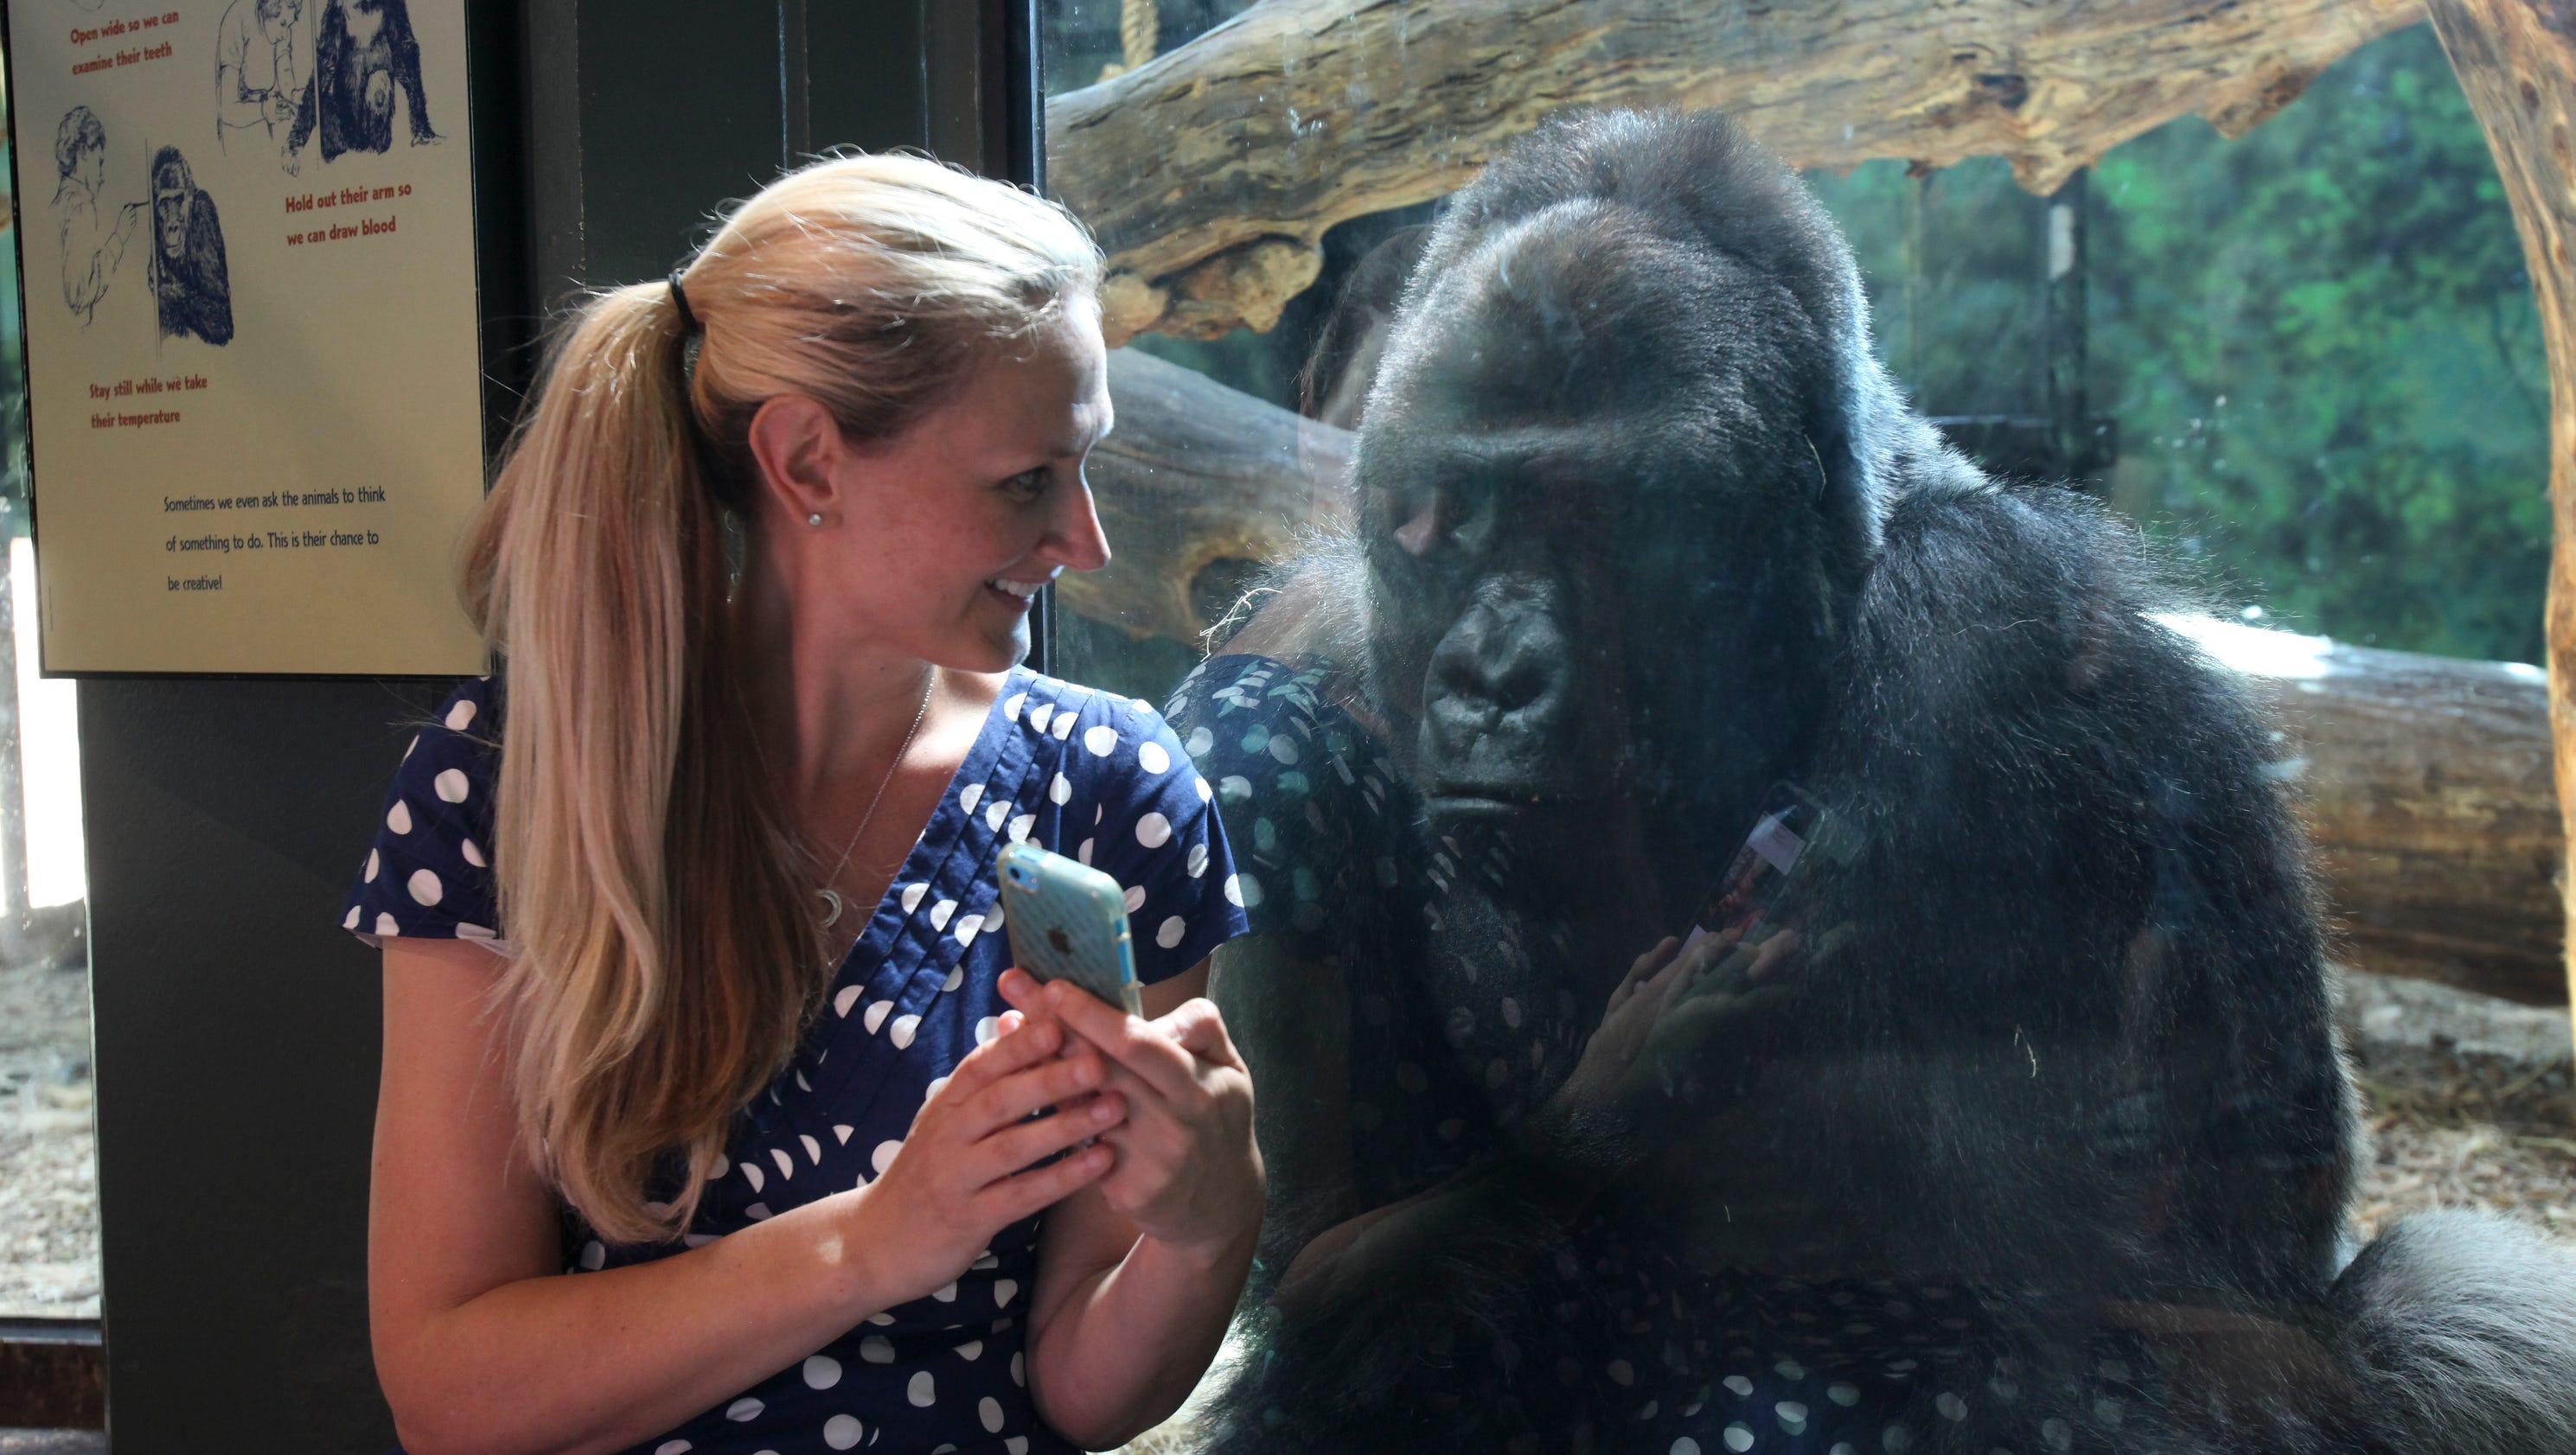 Louisville S Selfie Loving Gorilla Is A Star